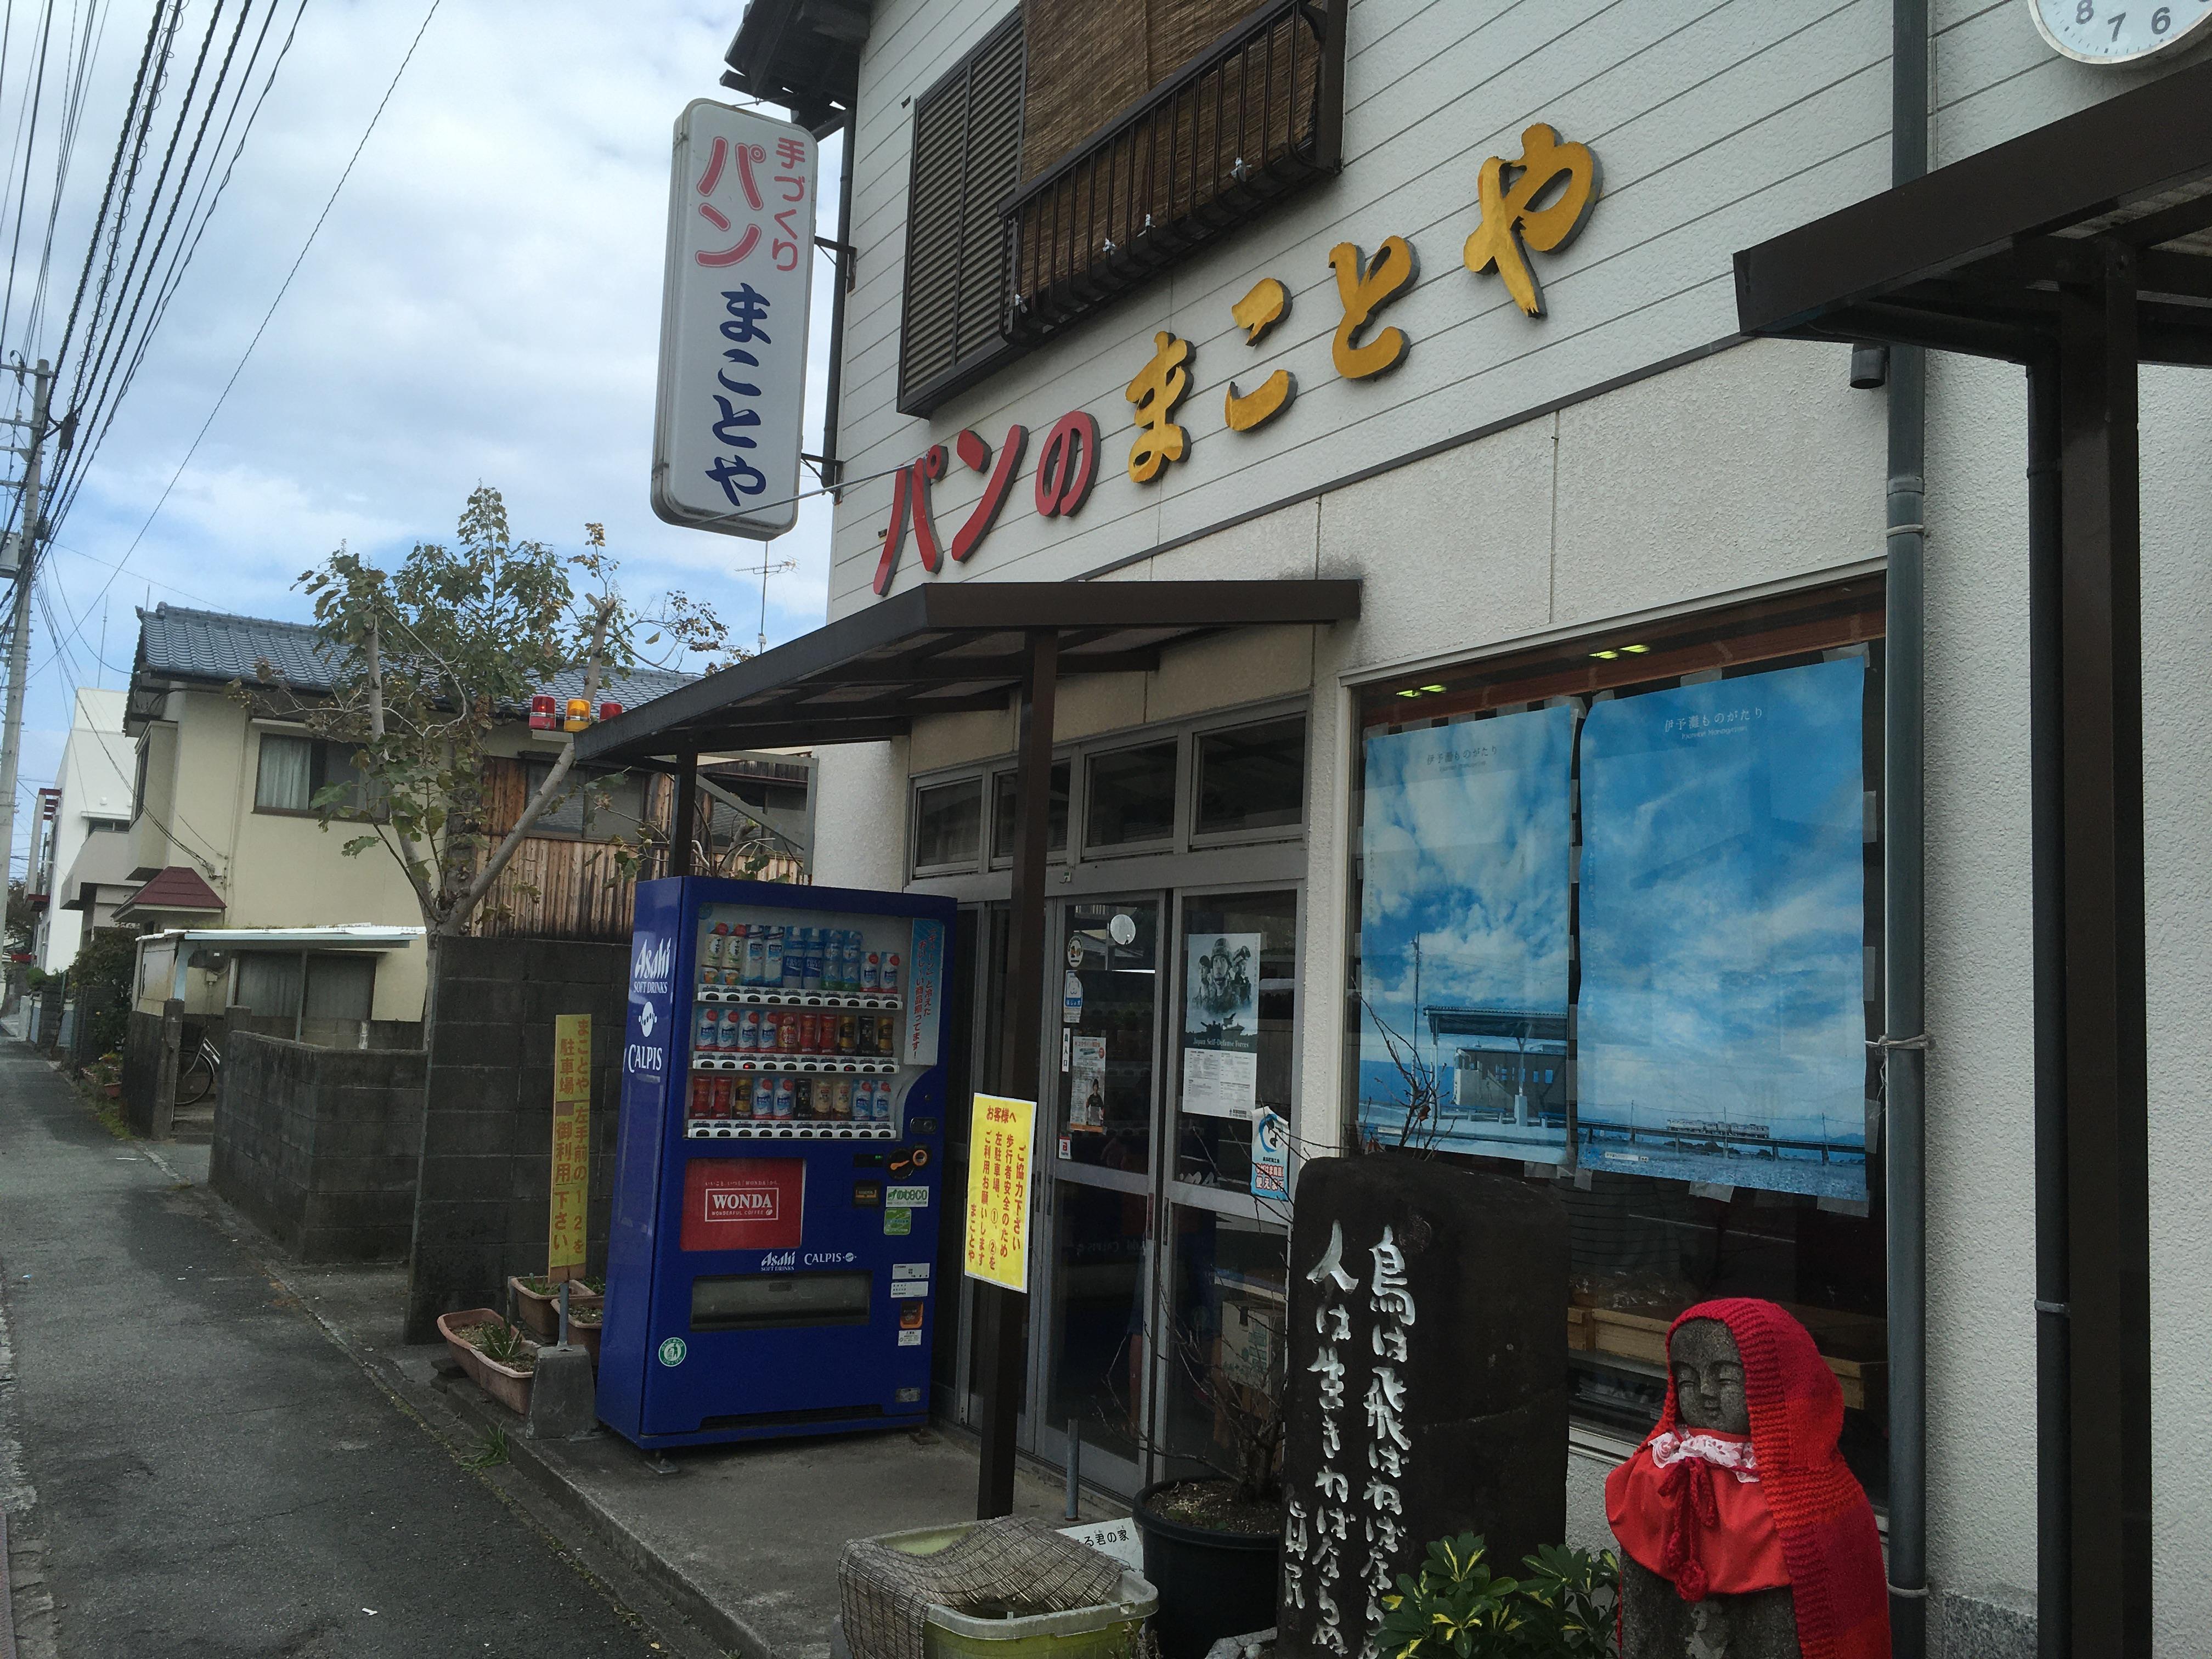 長浜のパン屋と言えばここ!遠方からも訪れる人気店「パンのまことや」であげぱん&クリームパンを食べてきた!